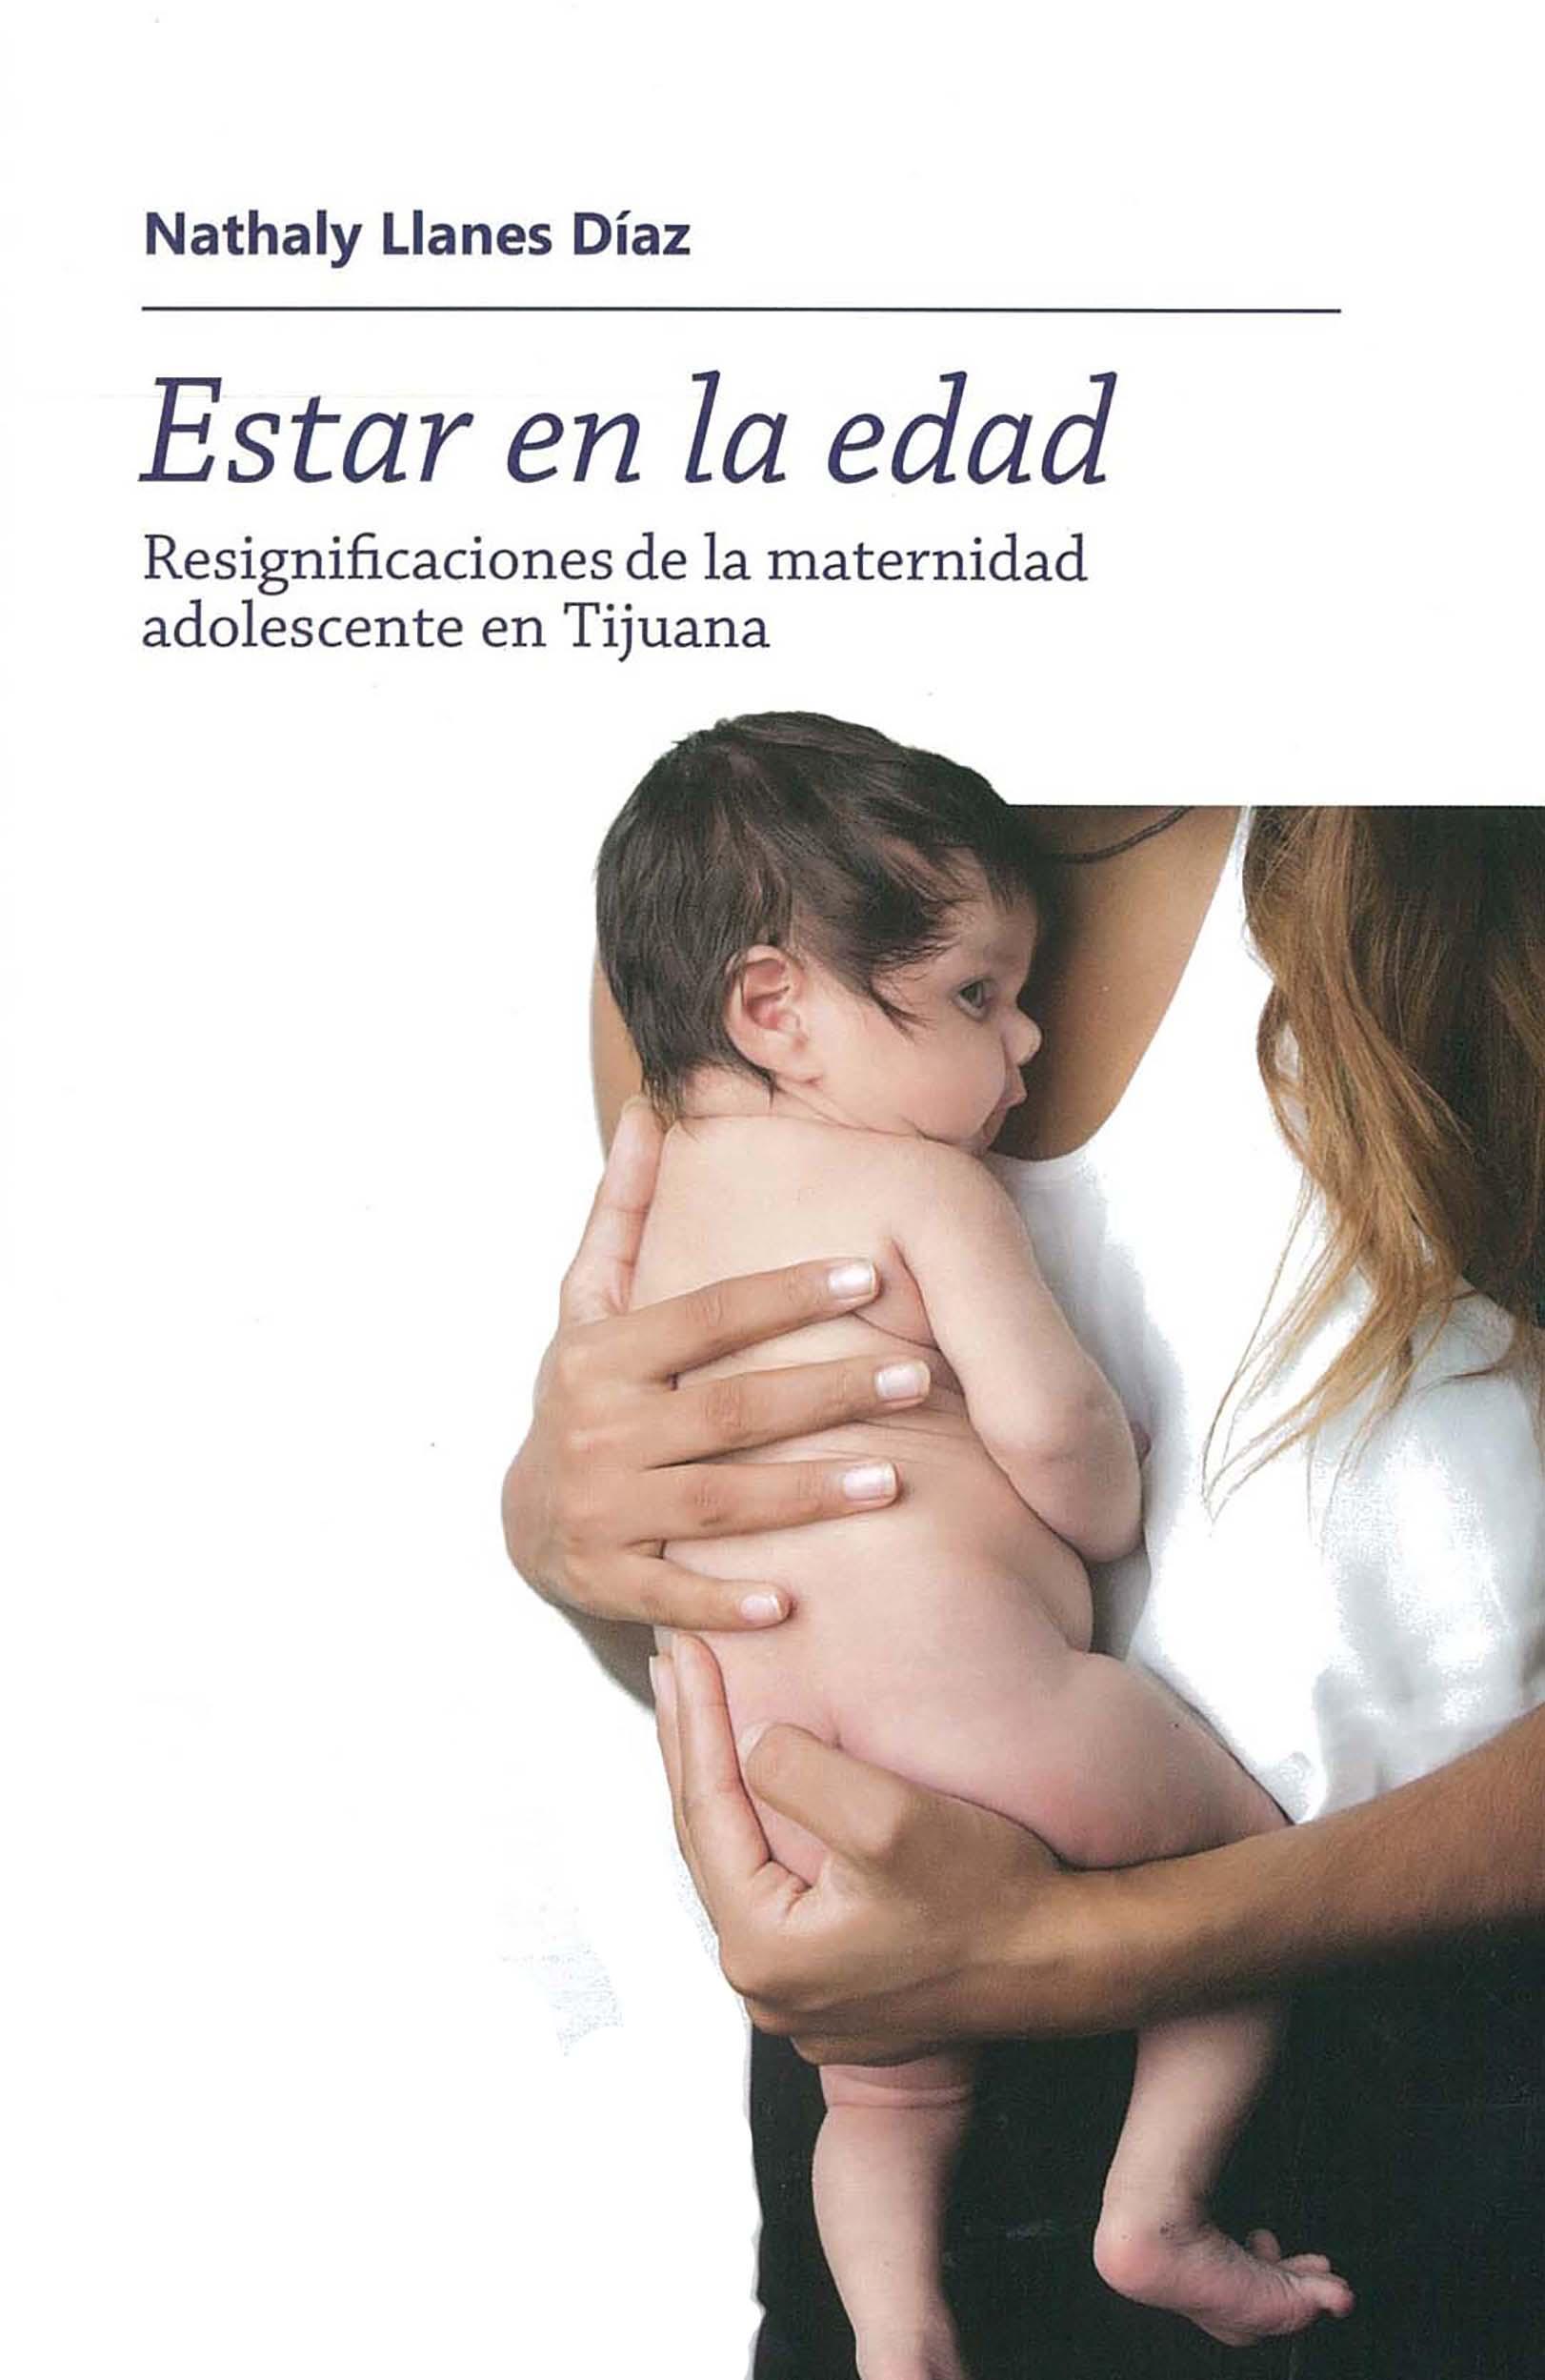 Portada de Estar en la edad. Resignificaciones de la maternidad adolescente en Tijuana.